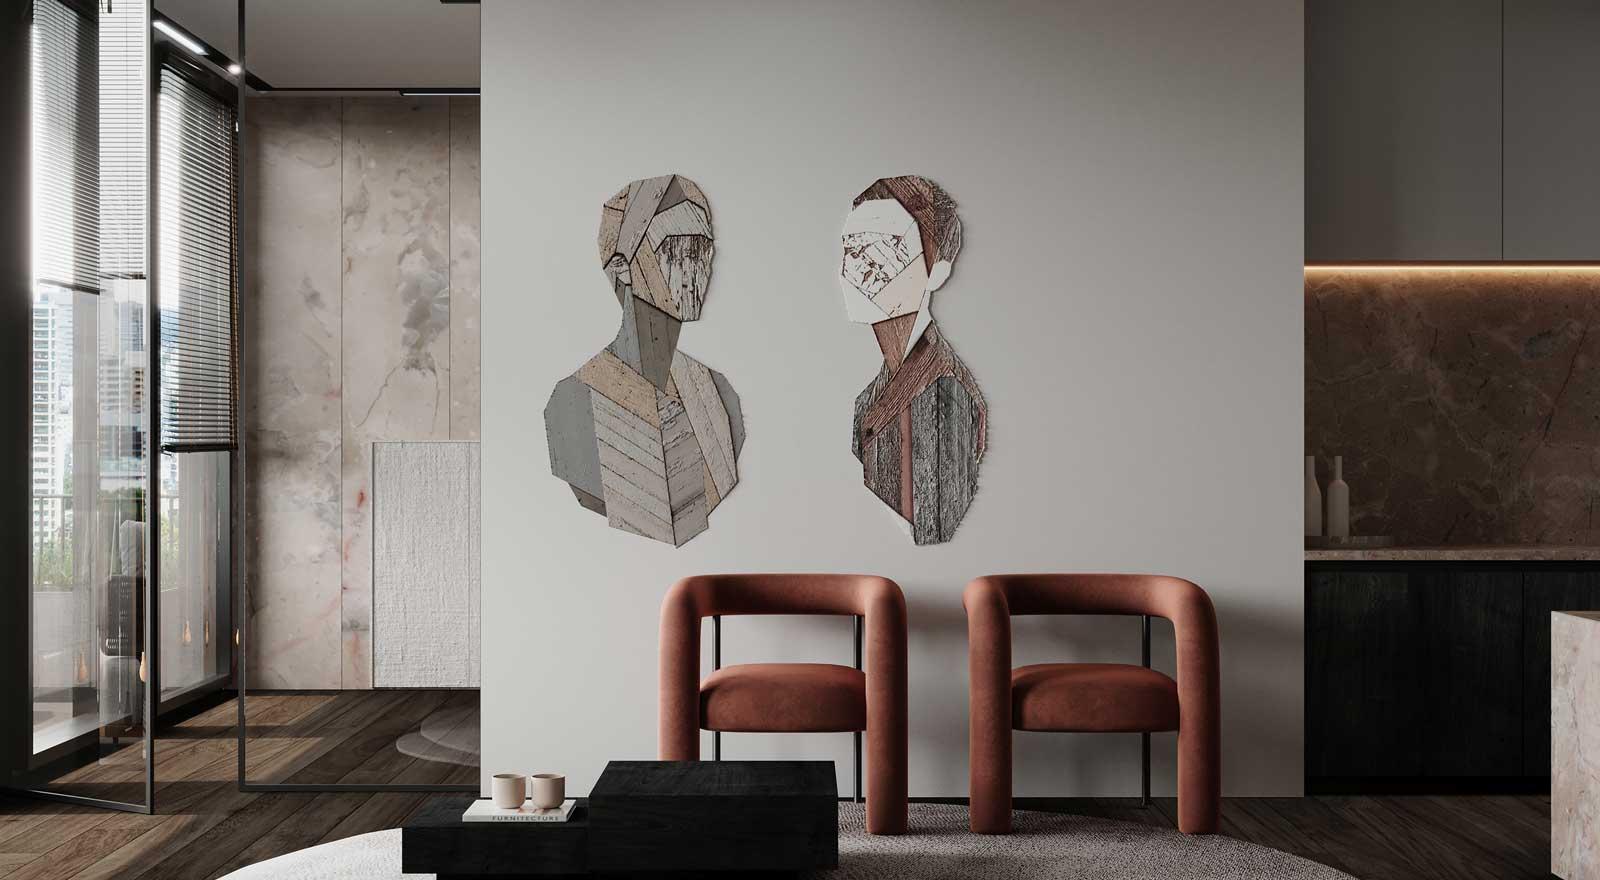 Des fauteuils en tube de velours décorent un intérieur original en marbre, néon et petite déco en bois de différentes essences